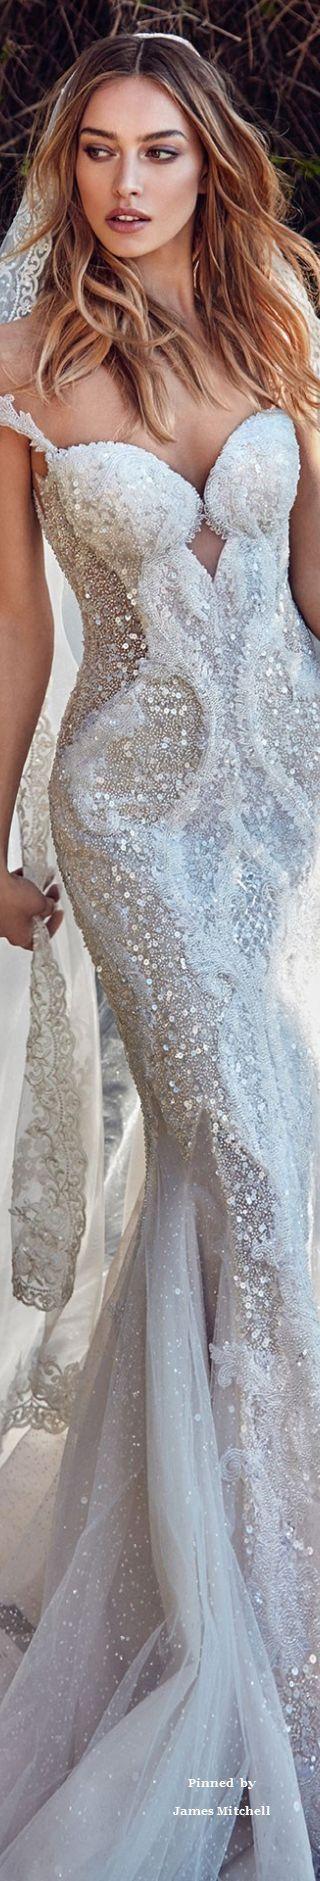 زفاف - Amazing Wedding Dress